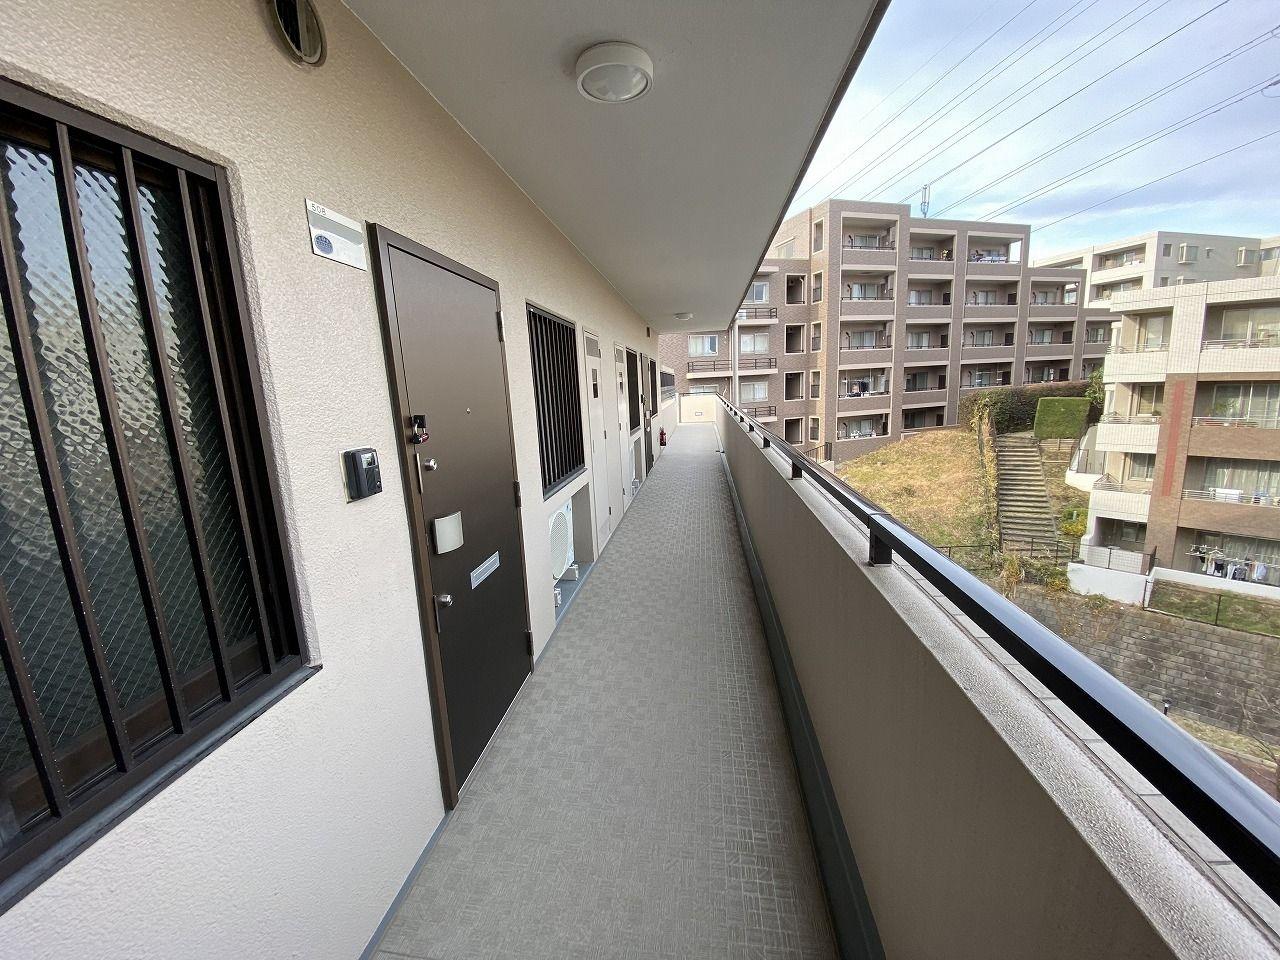 横浜市青葉区美しが丘2-13-2の賃貸マンション・レガートたまプラーザの共用廊下